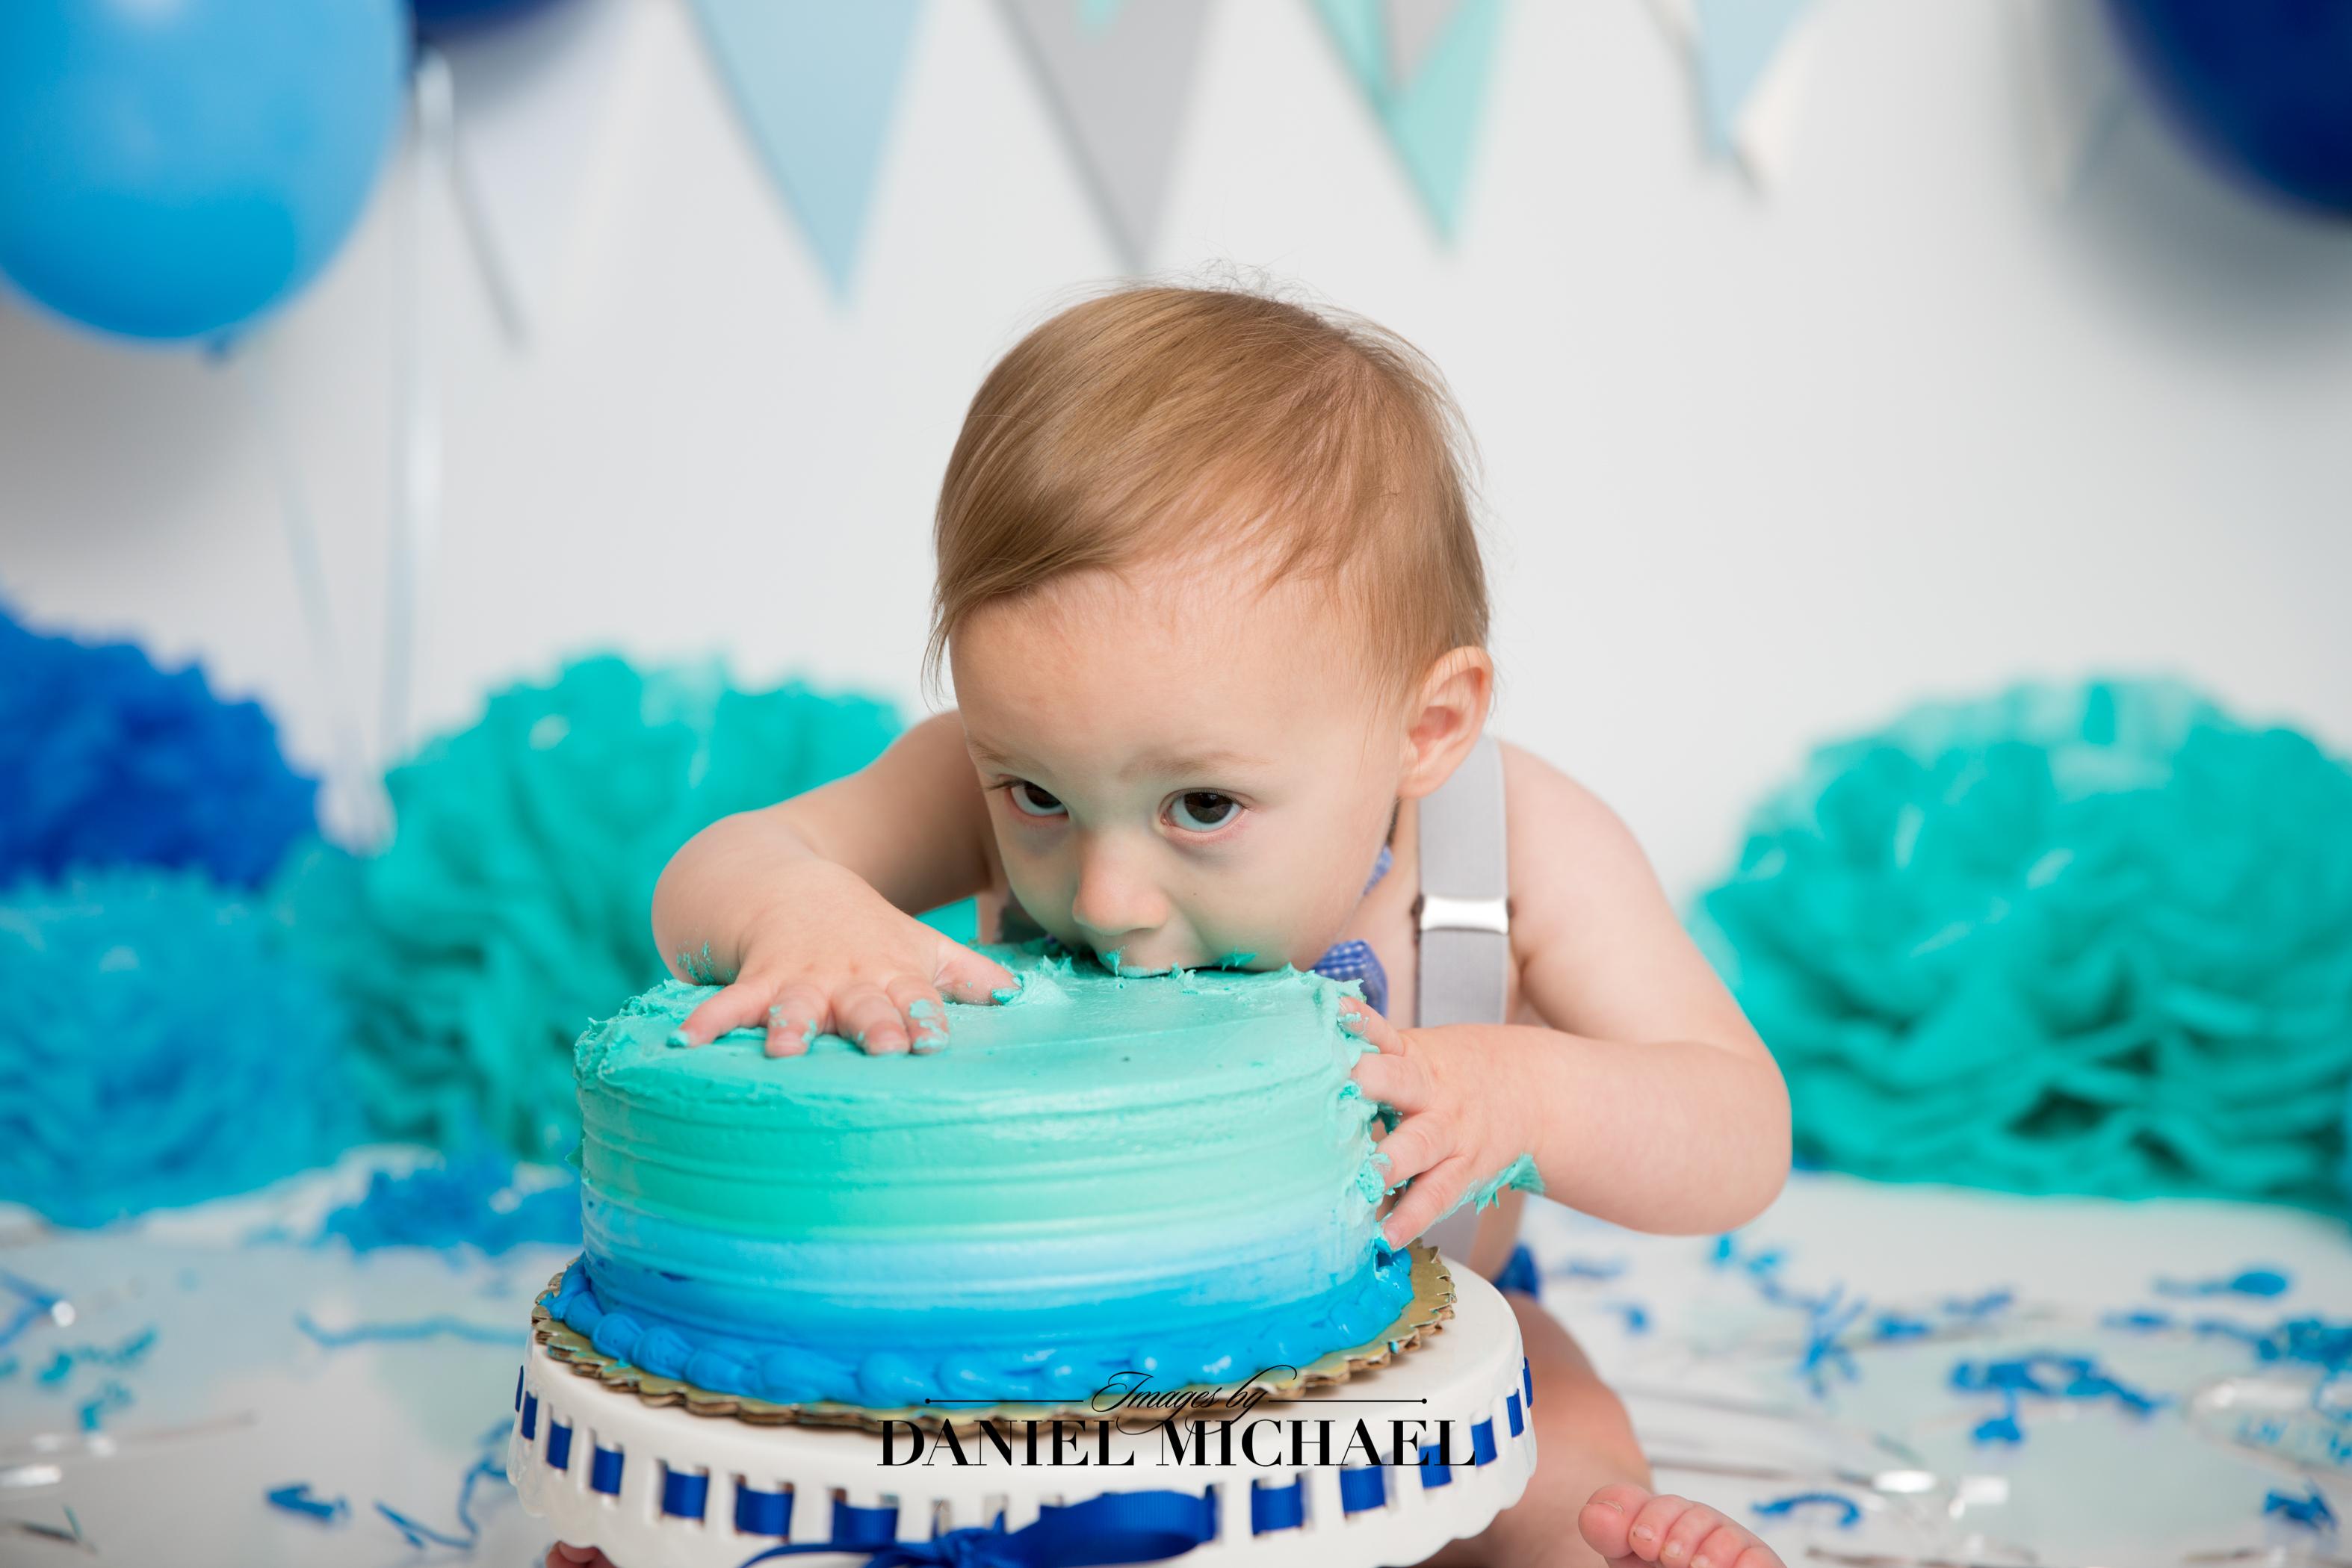 Cake Smash Photography, Studio Portraits, Cincinnati Photographers, Jessica Rist